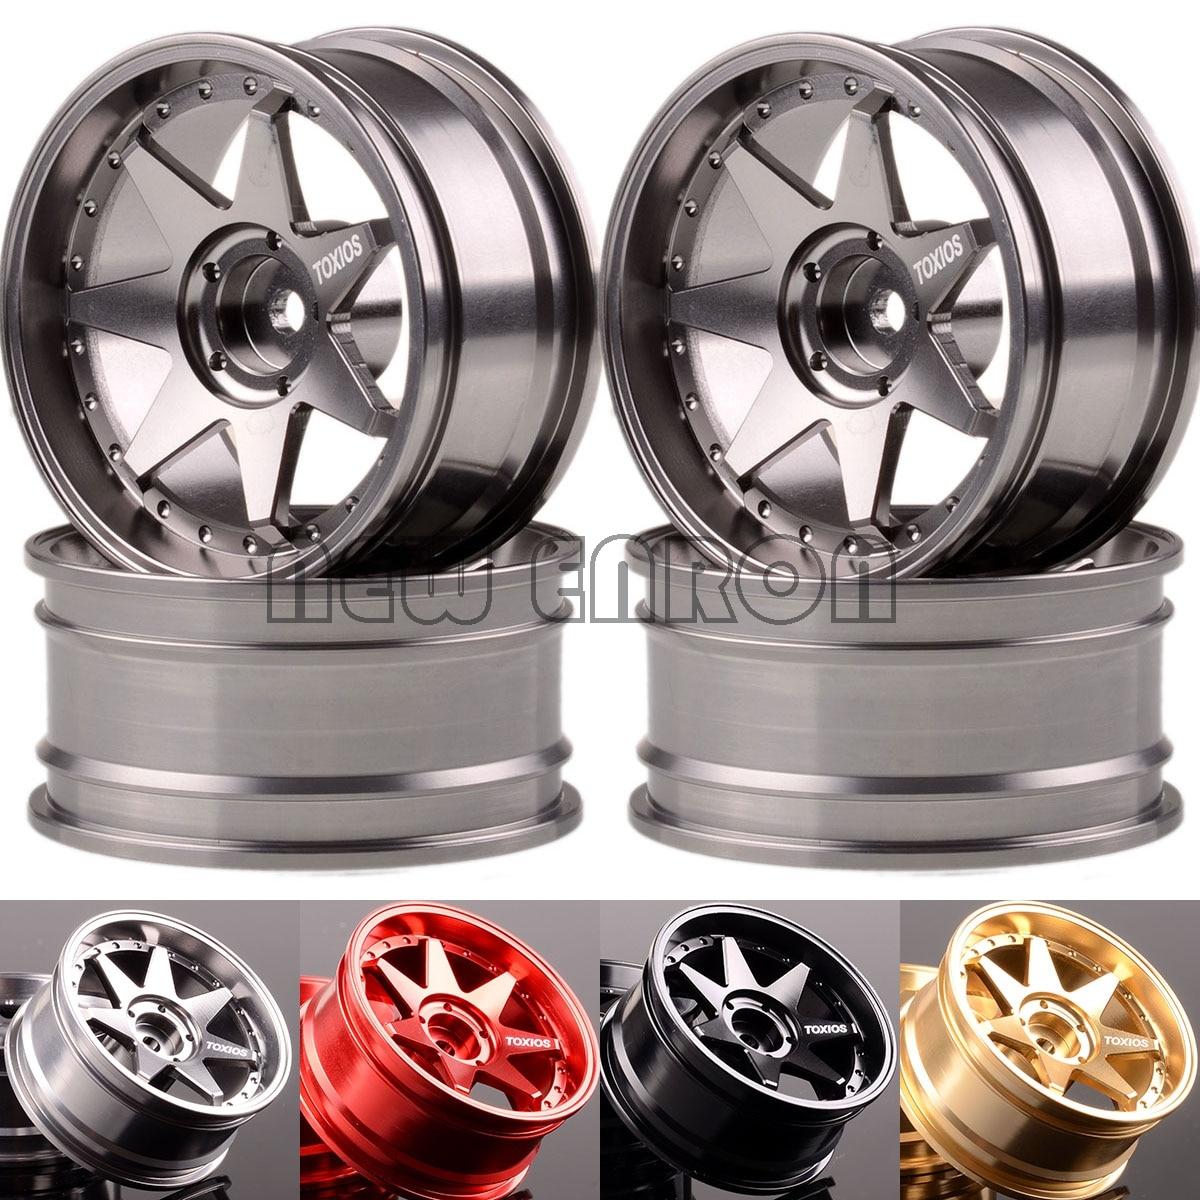 NEW ENRON 4P 1.9 Aluminum 7 Spoke Wheel Rim 1071 For RC 1/10 On Road Drift Rock Crawler 1:10